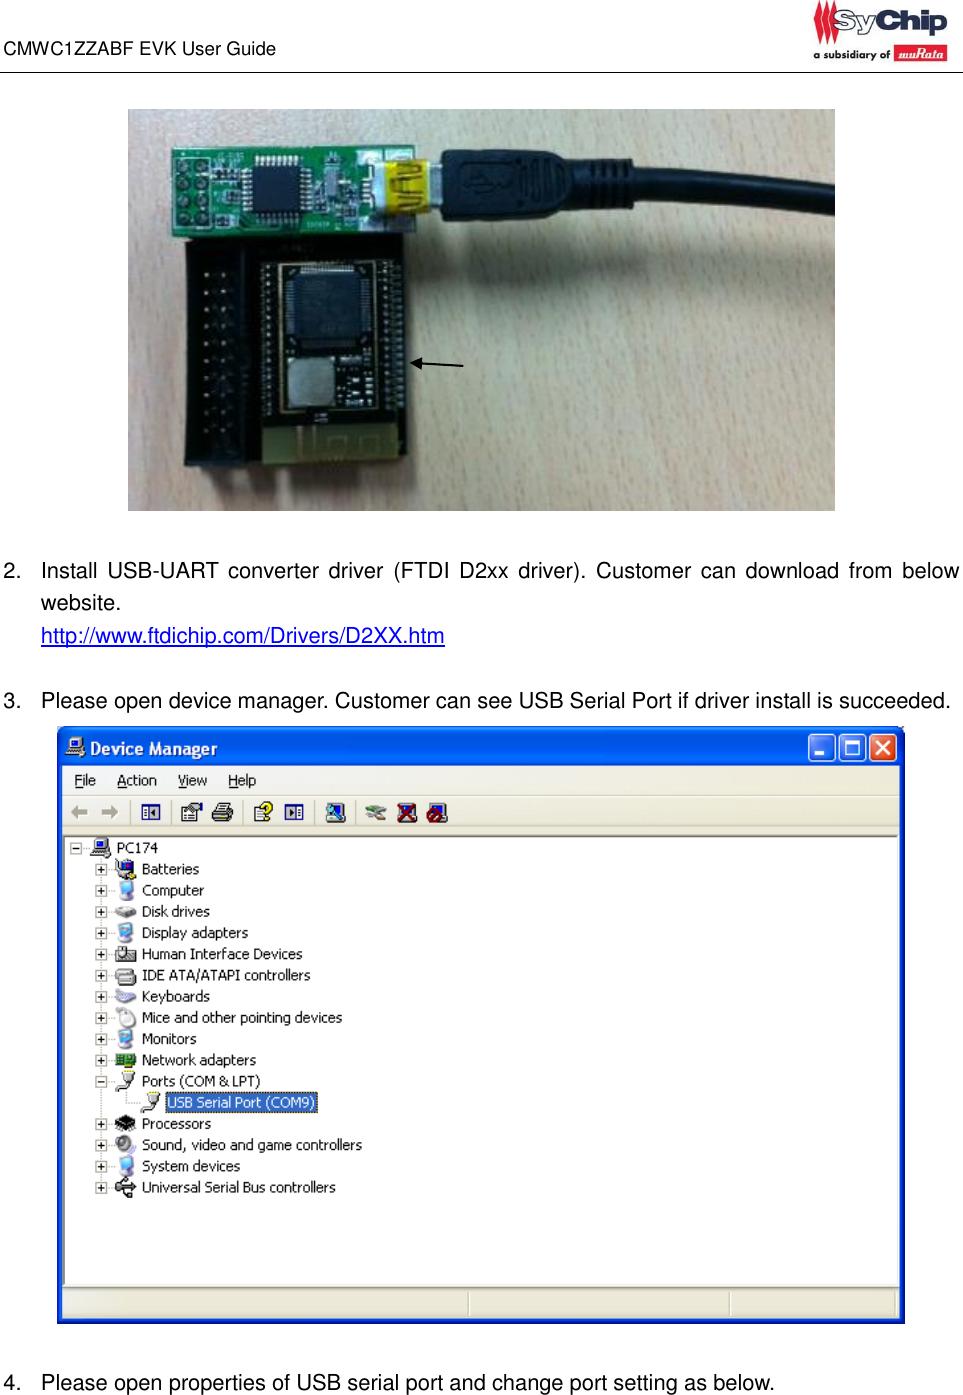 Zedboard_usb-uart_setup_guide.pdf